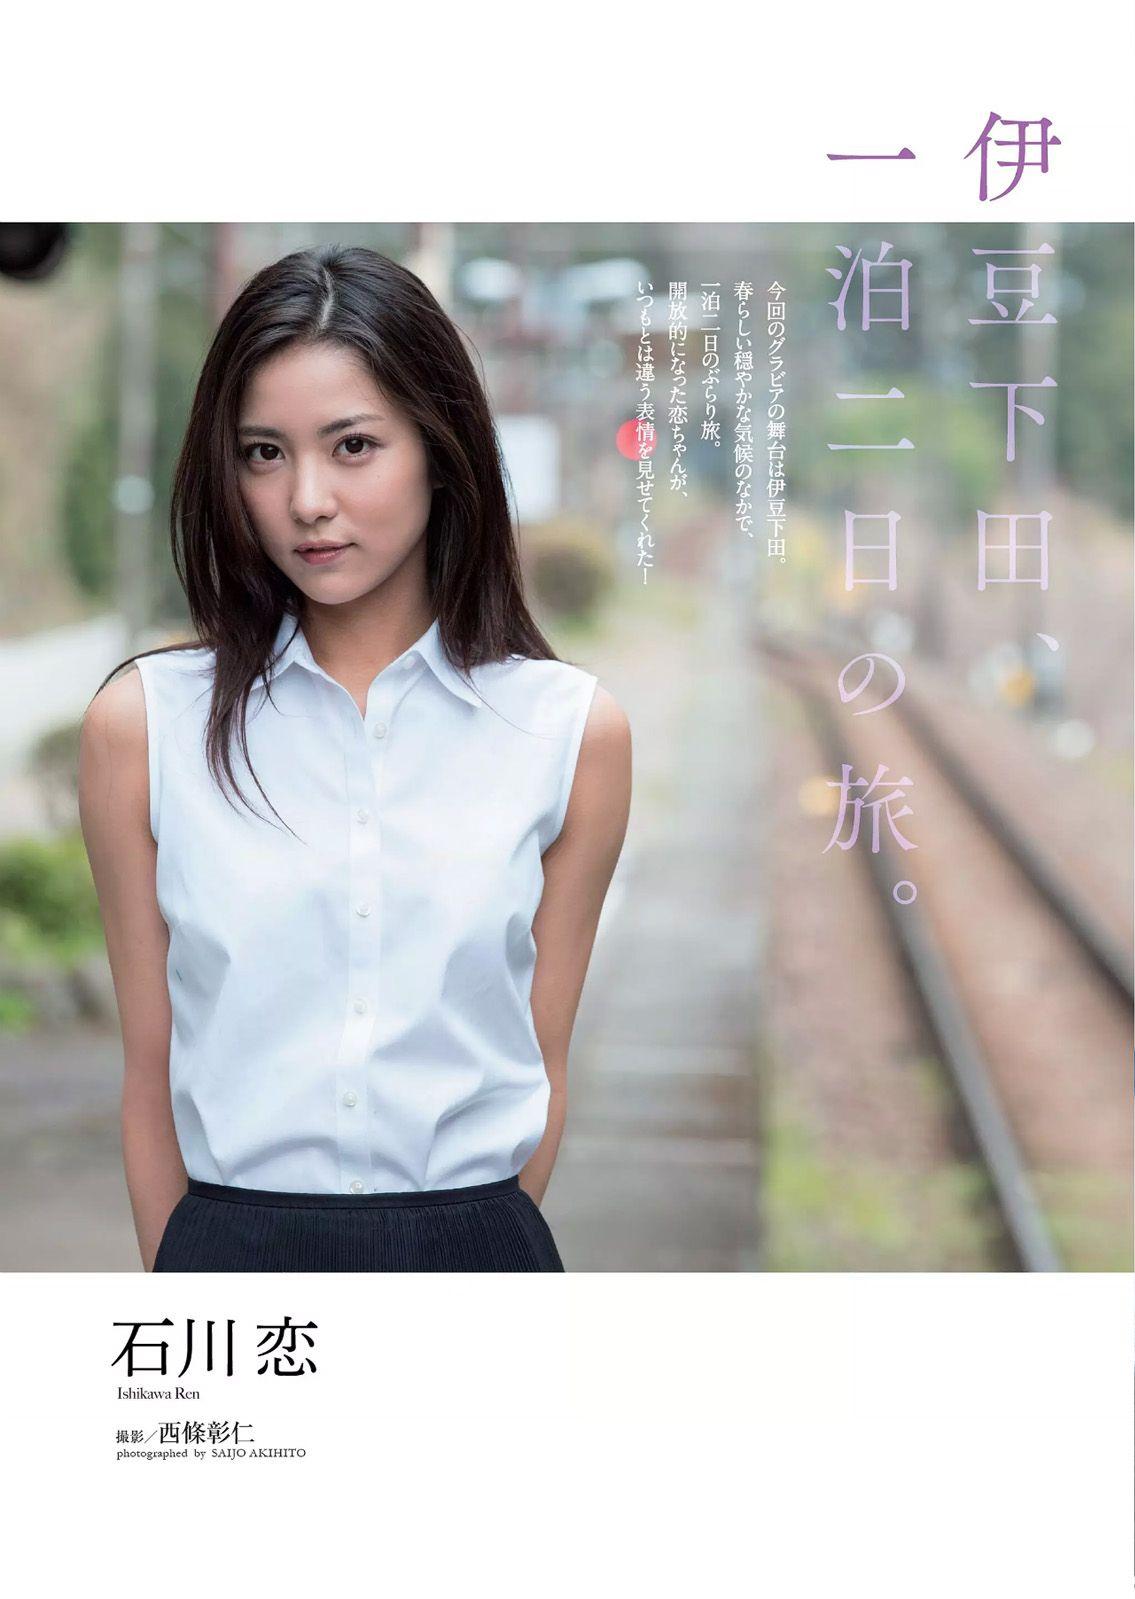 石川恋の着衣グラビア